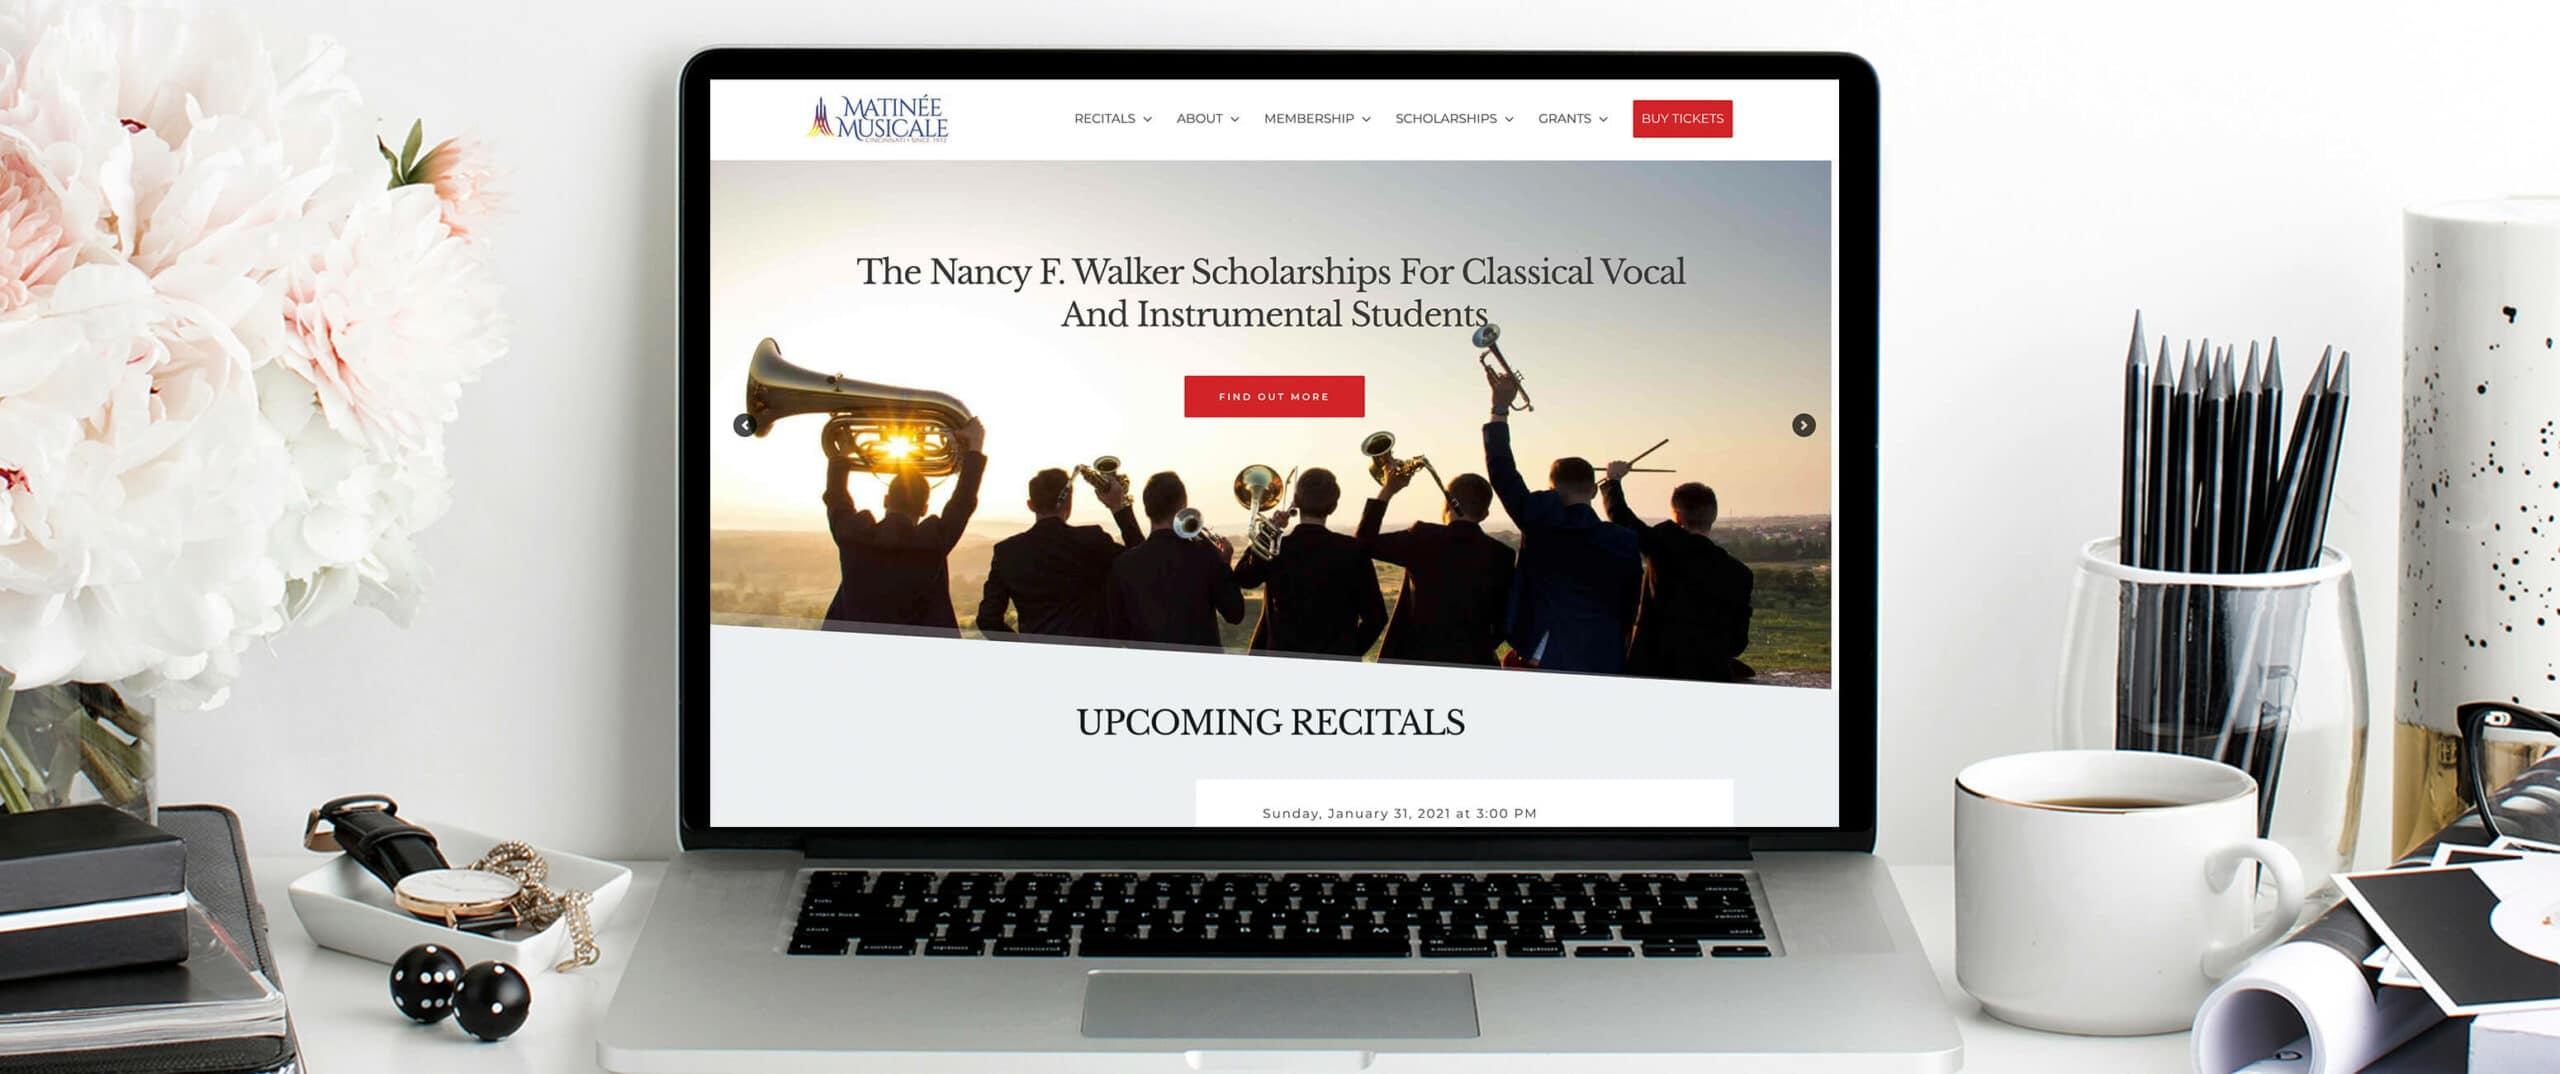 Matinee Musicale Cincinnati Desktop View - a Non Profit website in Cincinnati, Ohio